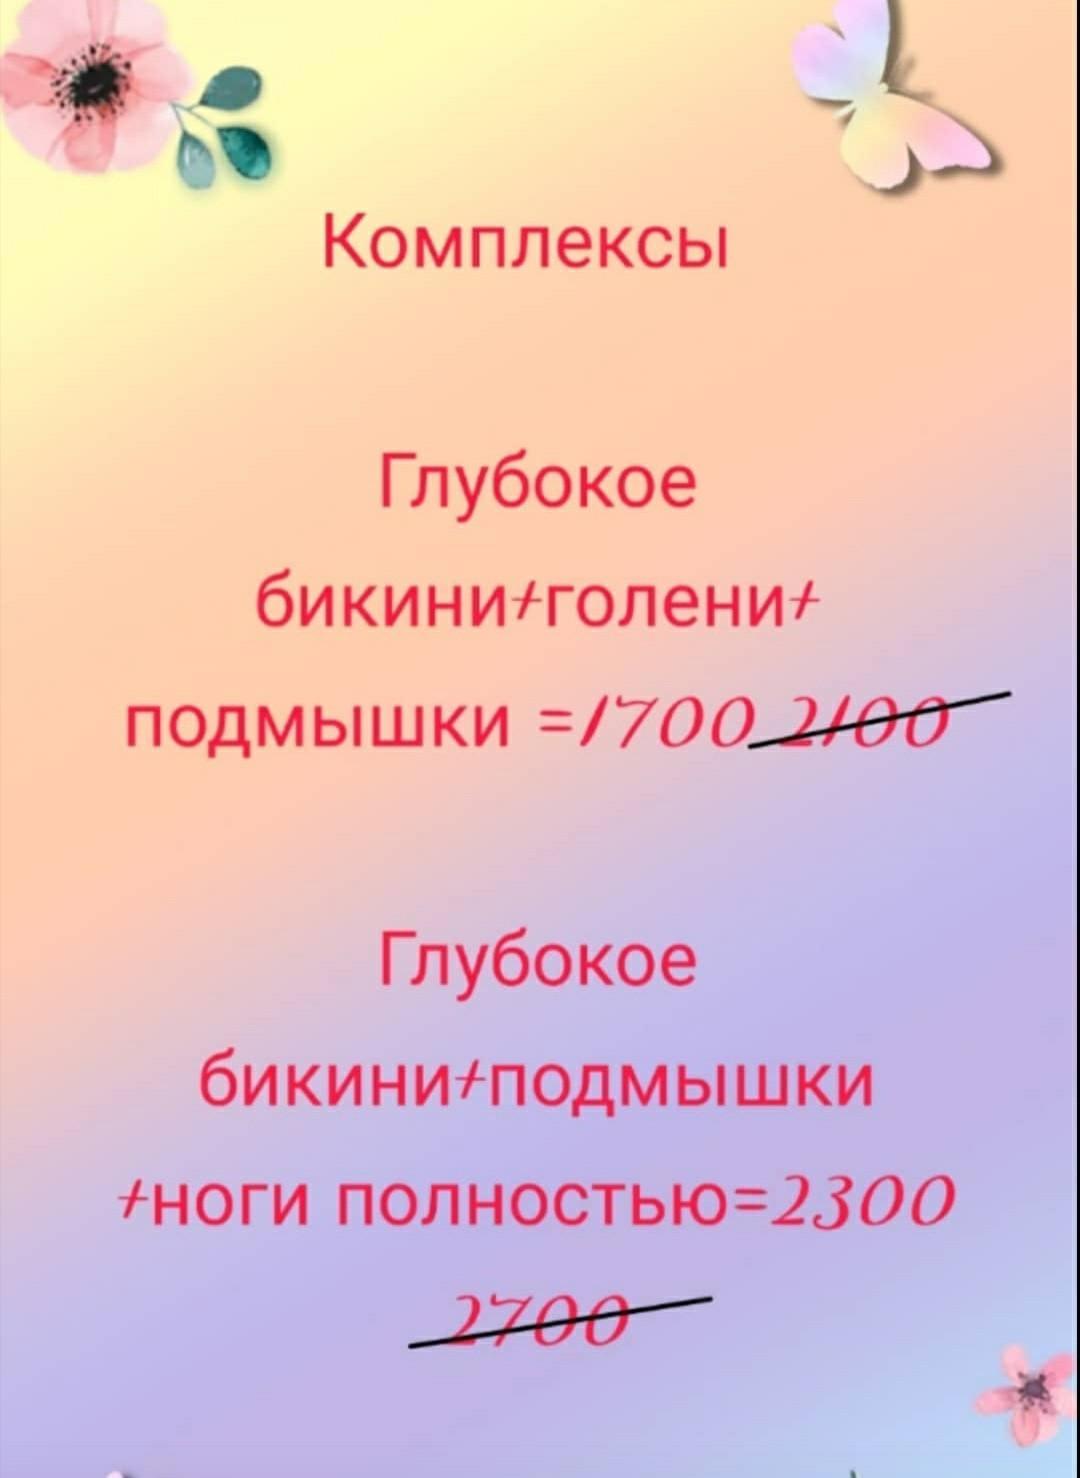 ШУГАРИНГВОСКⓂ АКАДЕМИЧЕСКАЯ